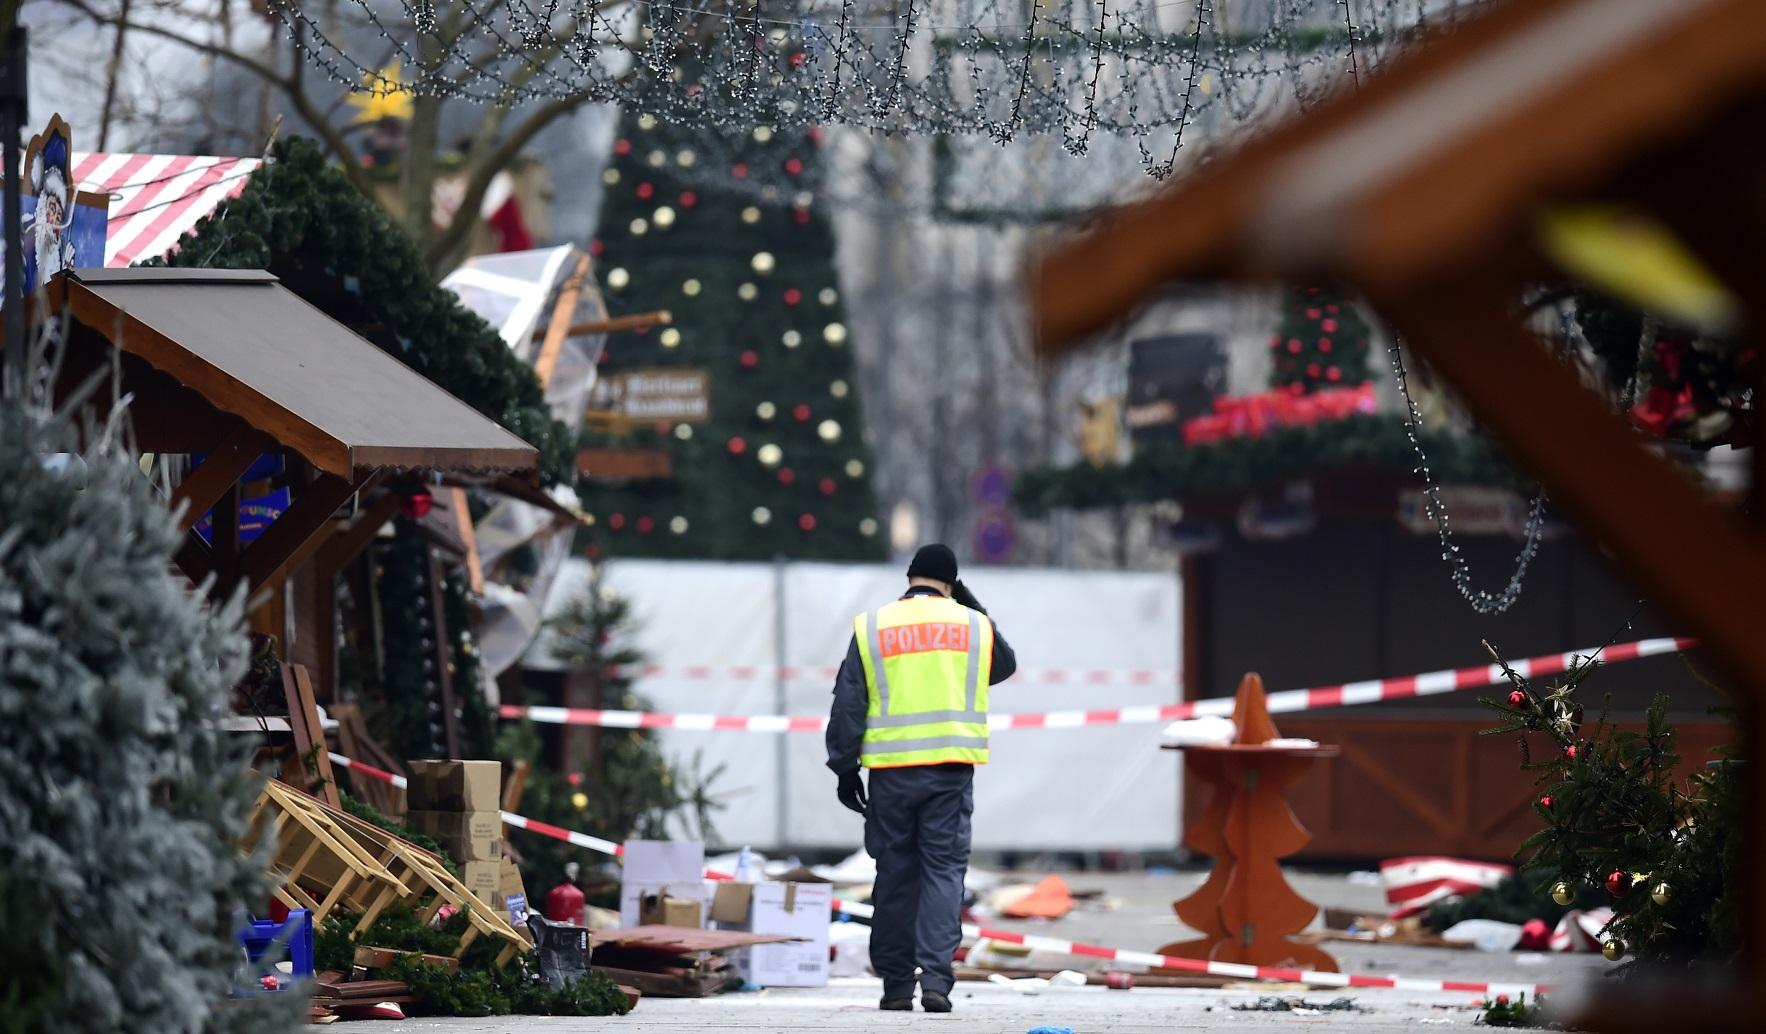 Policial caminha pelo mercado de Natal onde um atentado deixou 12 mortos e 48 feridos. Foto de Tobias Schwarz/AFP